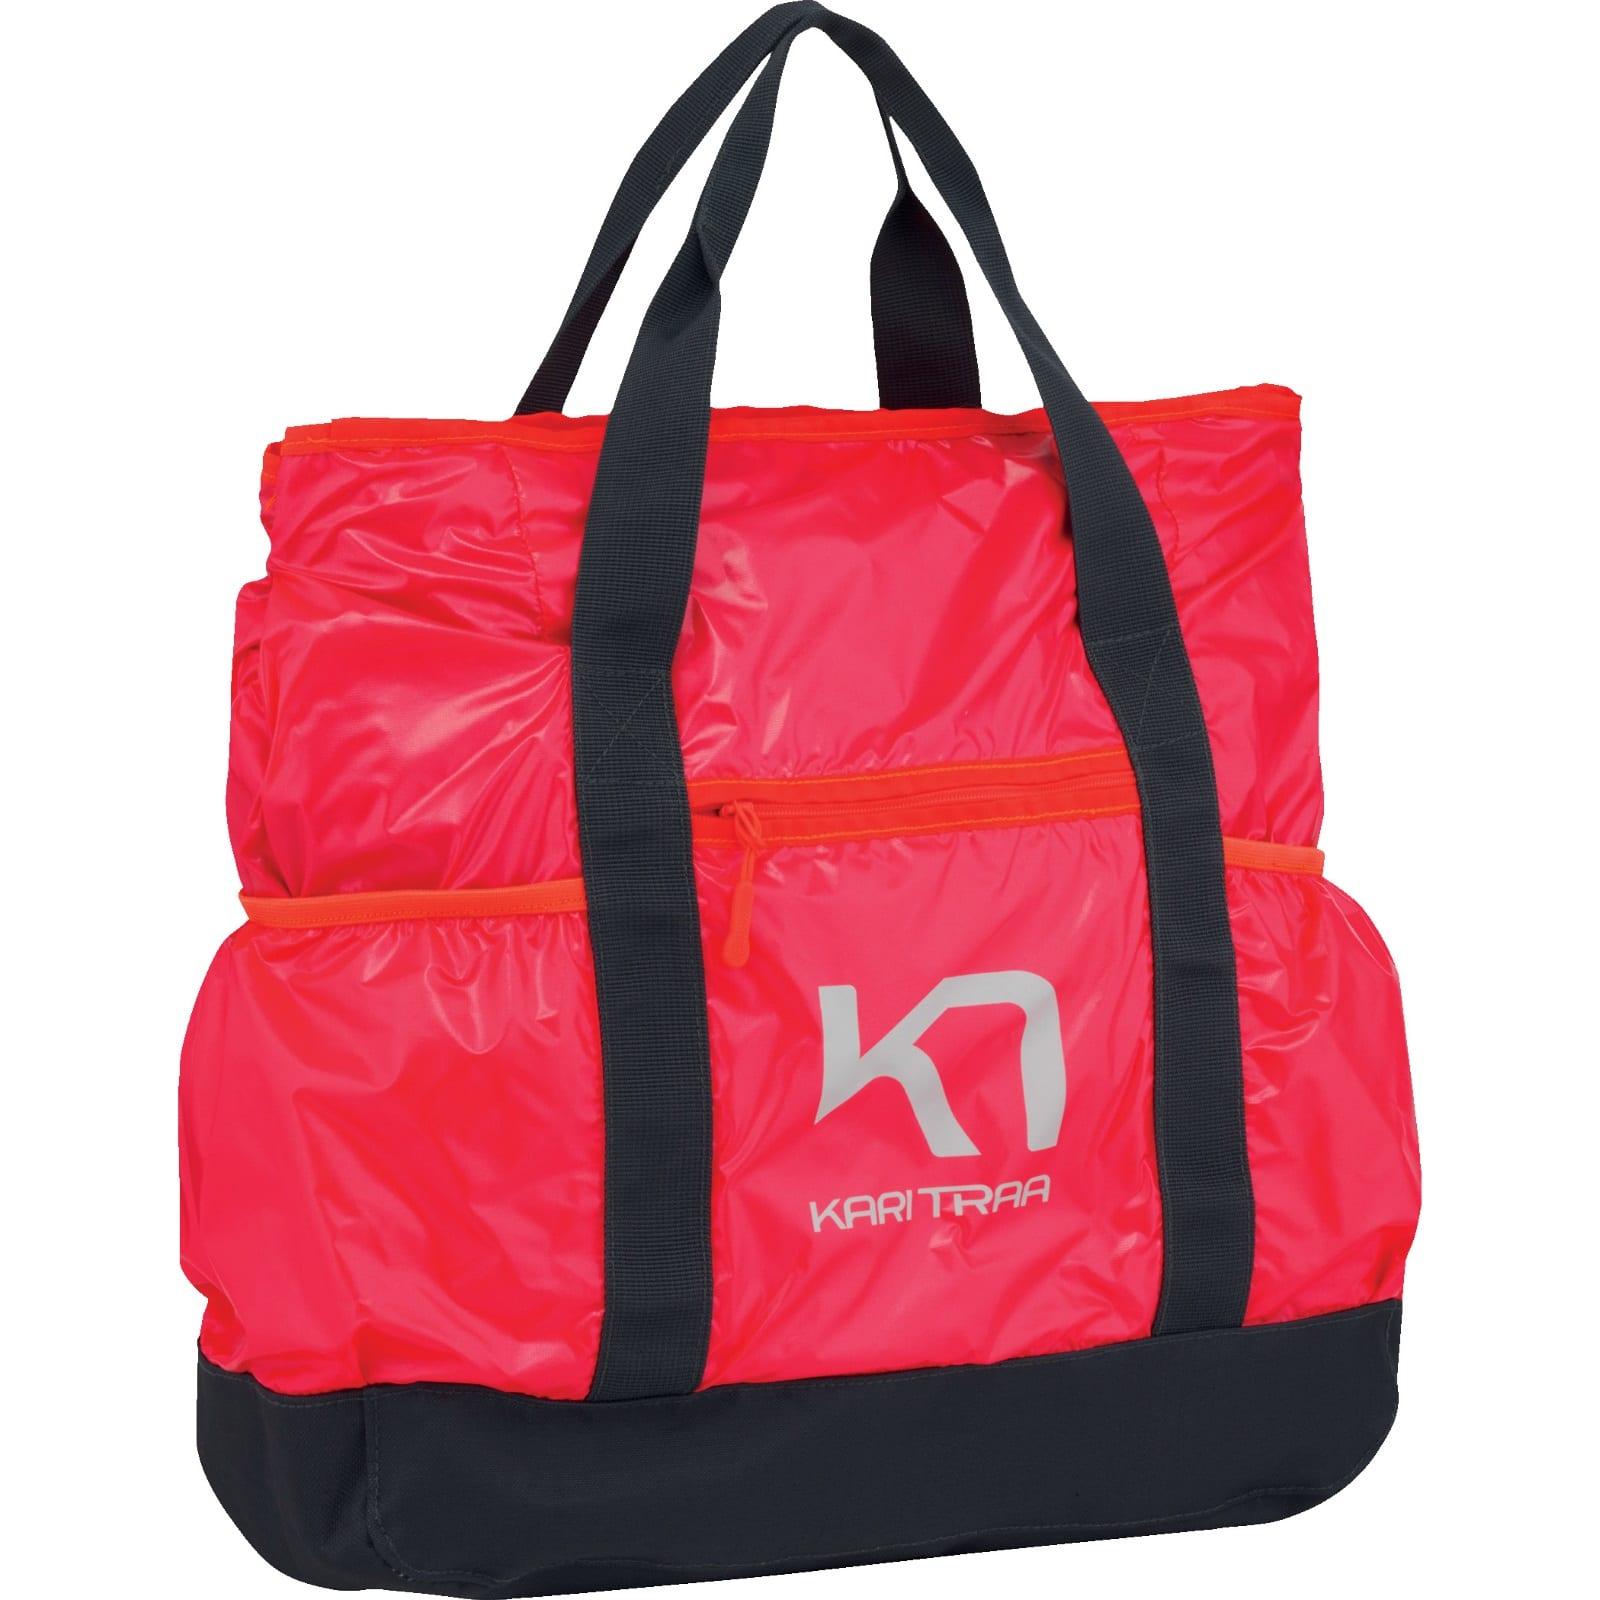 5cc3b67b Buy Kari Traa Røthe Bag from Outnorth